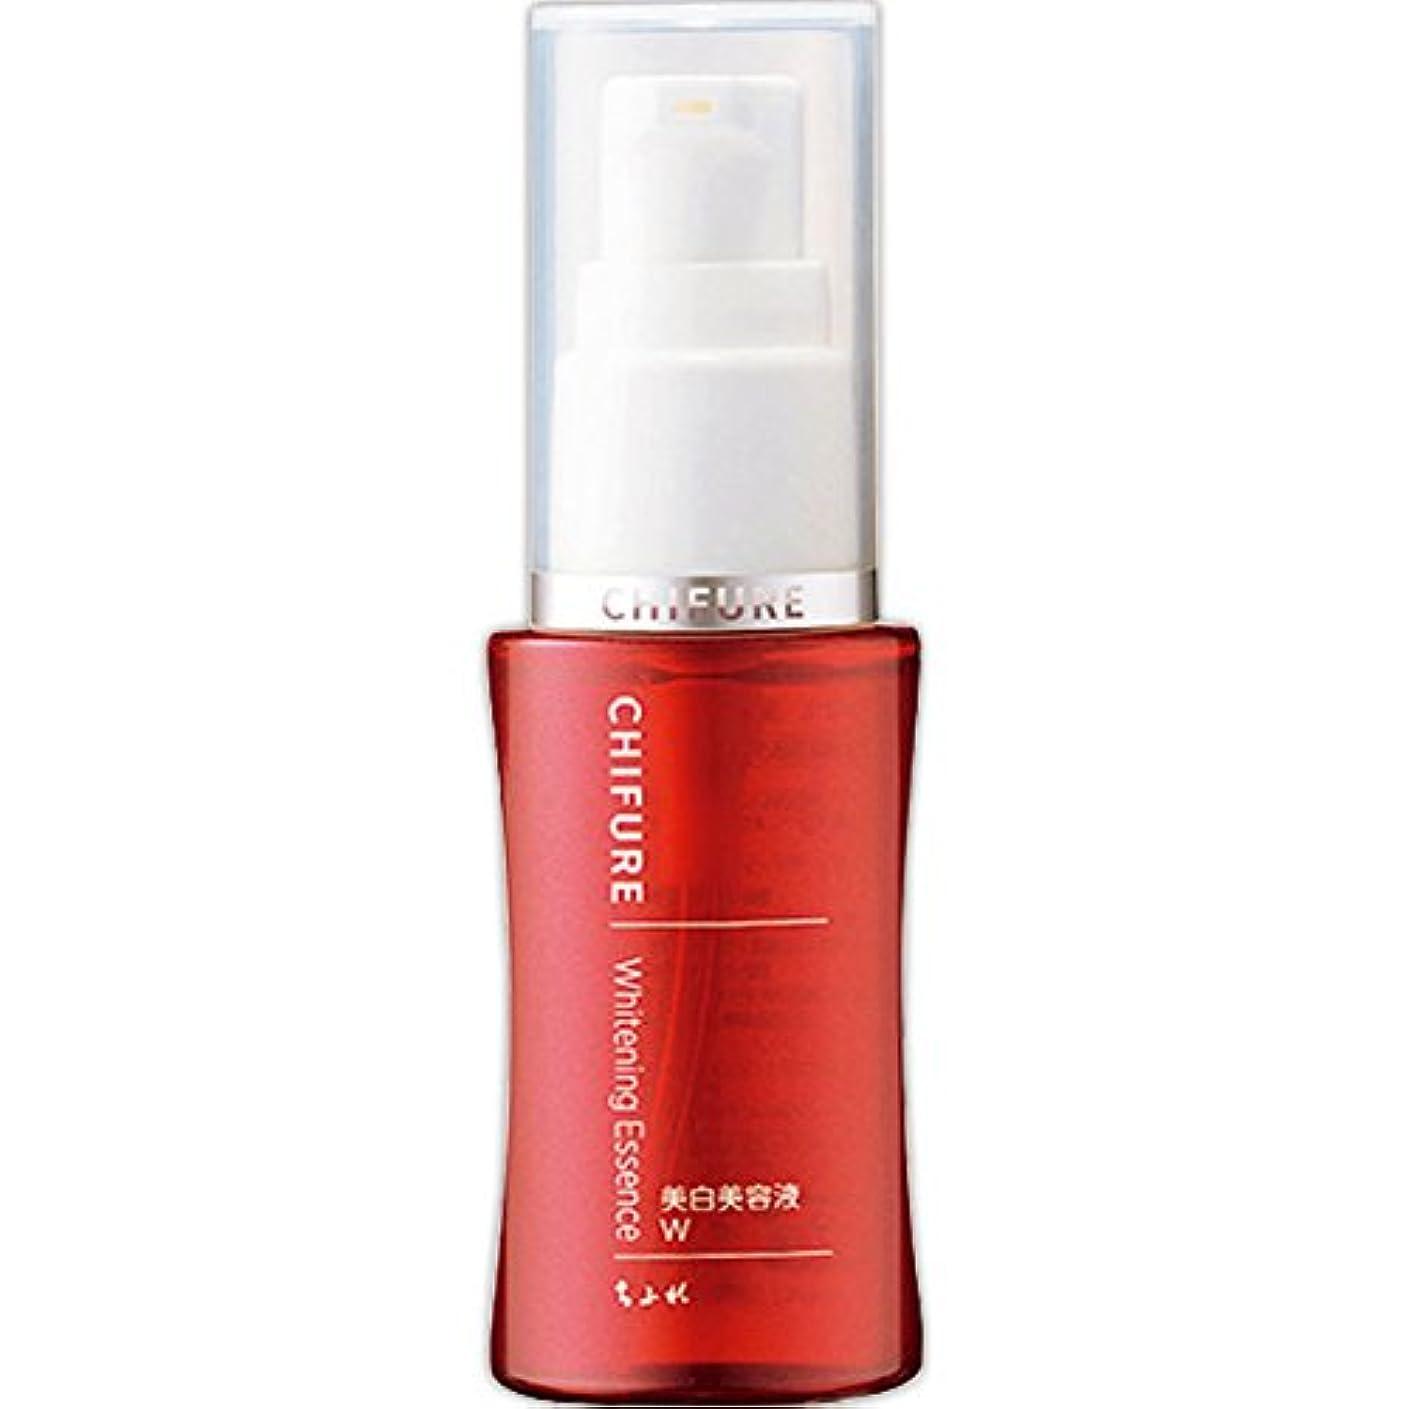 プーノ美人適切なちふれ化粧品 美白美容液 W 30ML (医薬部外品)